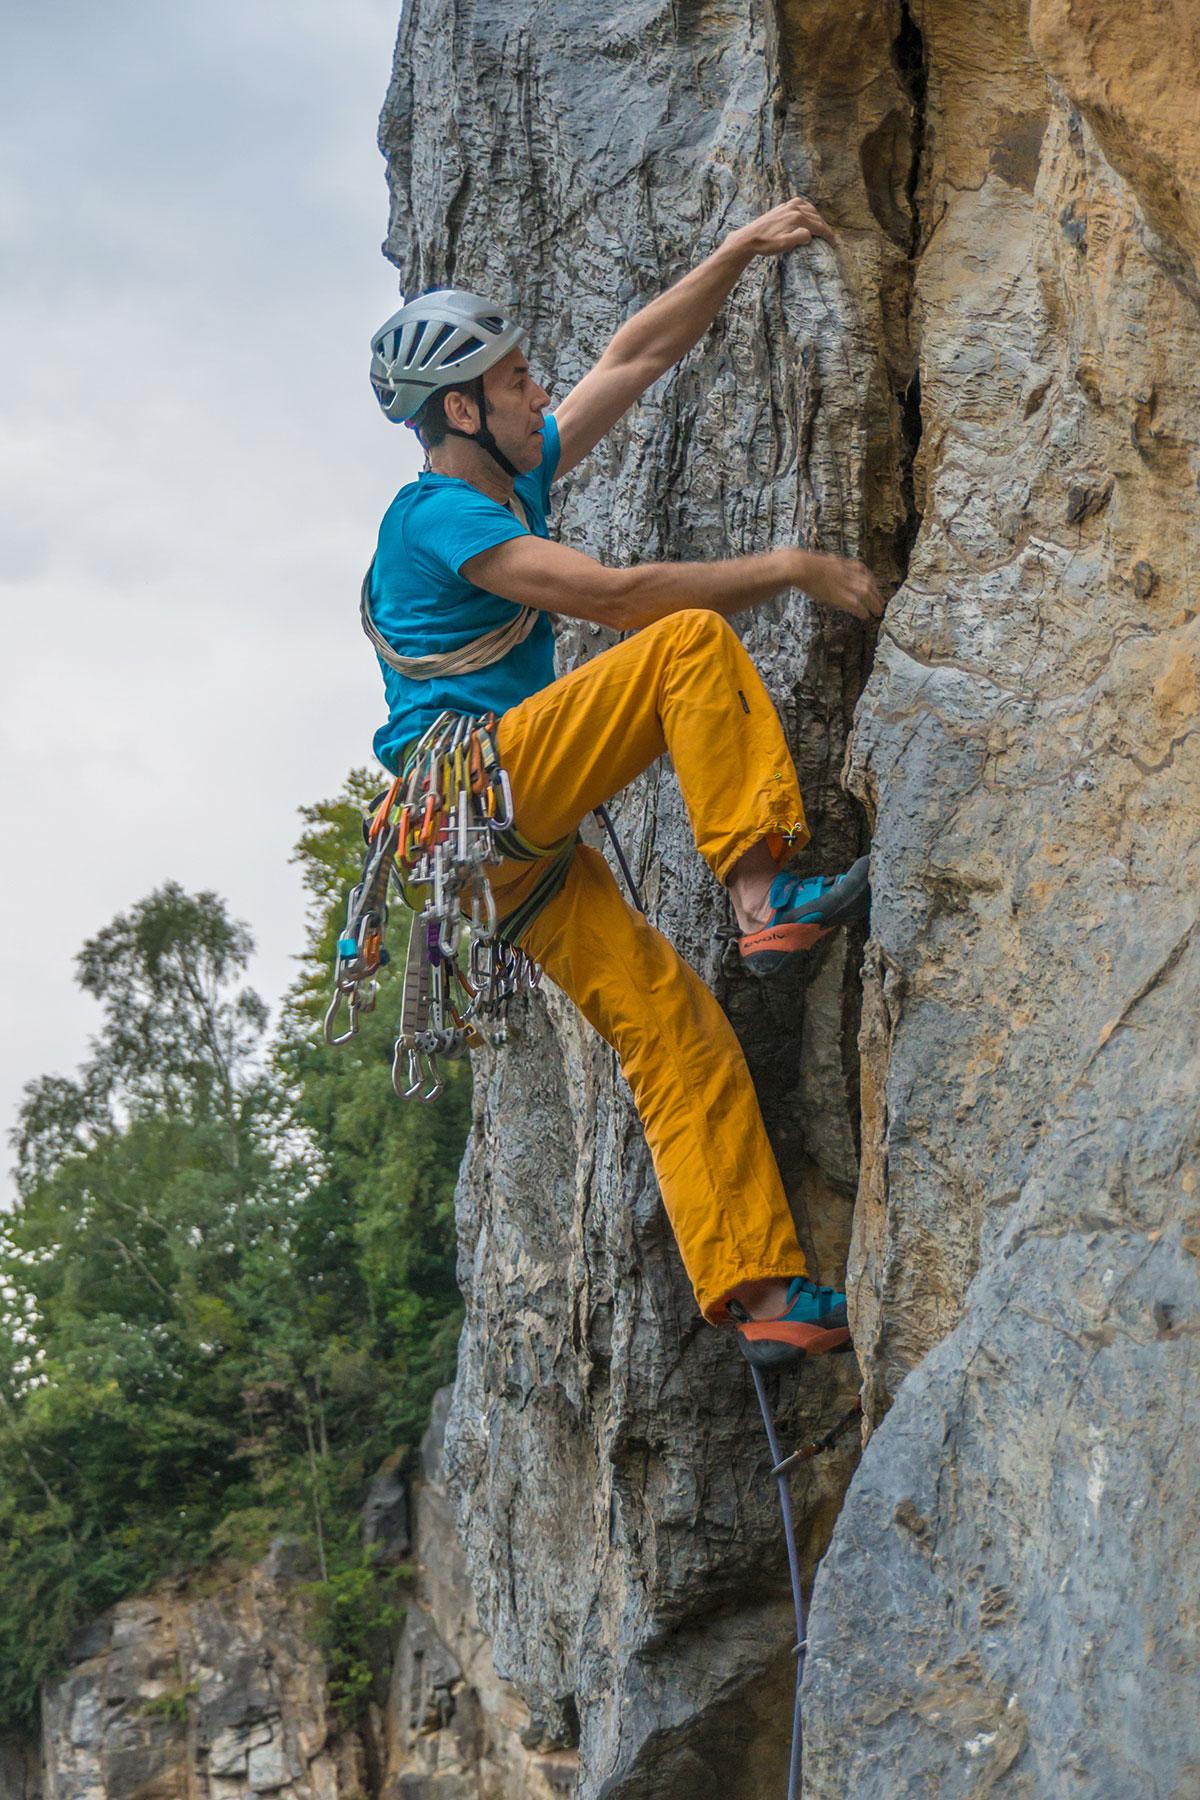 """Warstein, Hillenberg, Route """"Sichelriss clean"""", 9-, Kletterer Mathias Weck, Fotograf: Thihamy Nguyen"""